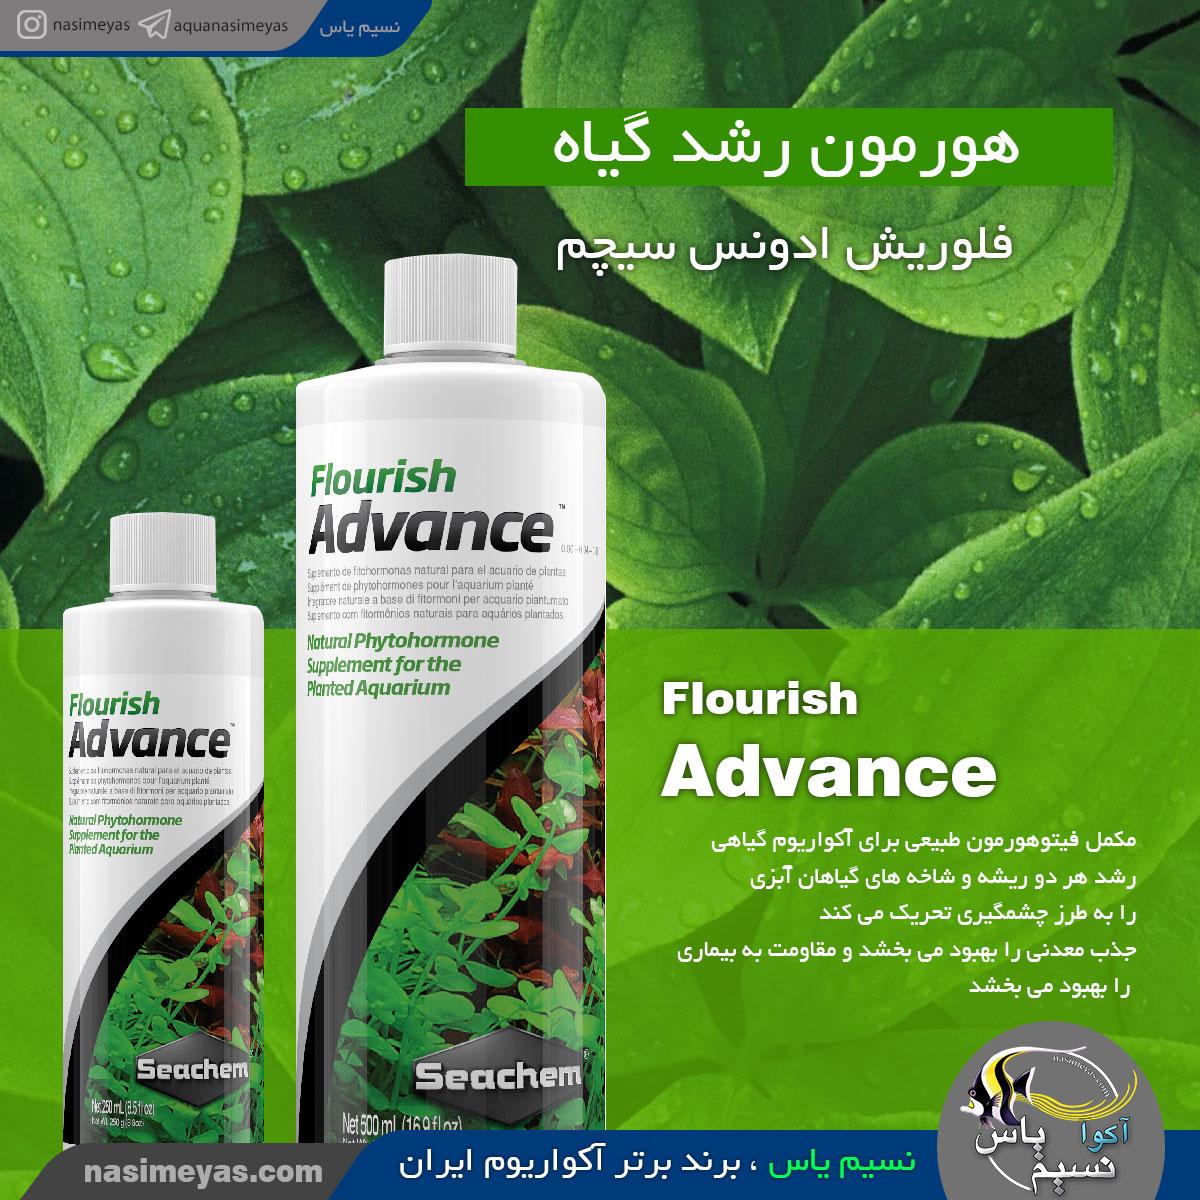 هورمون رشد گیاه فلوریش ادونس سیچم,Flourish Advance